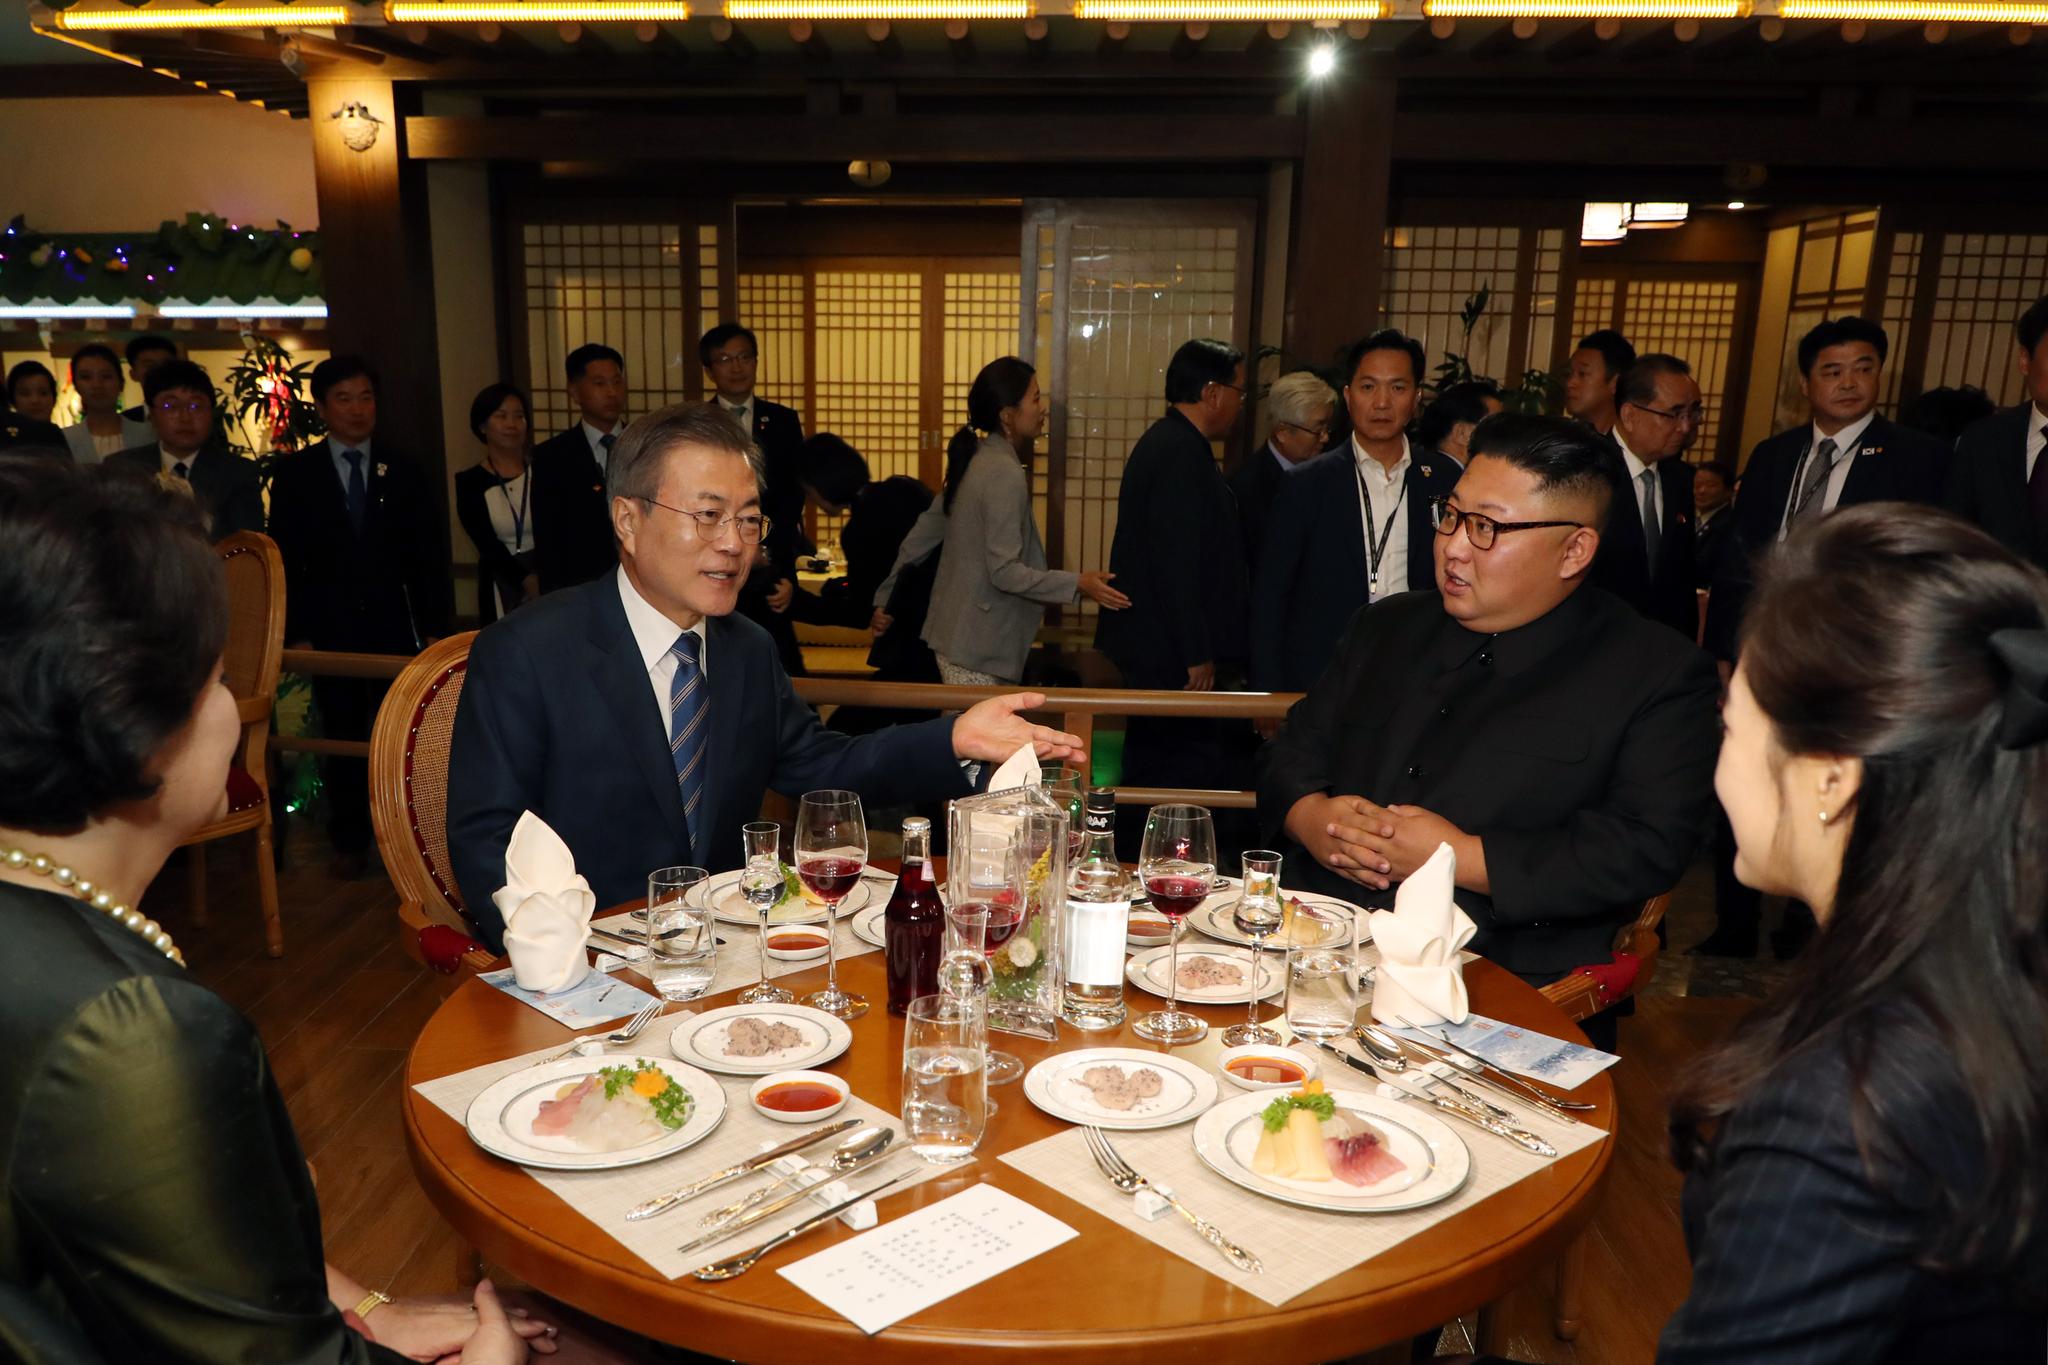 문재인 대통령 내외와 김정은 국무위원장 내외가 19일 오후 평양 대동강 수산물 식당에서 만찬을 함께 하고 있다. 평양사진공동취재단